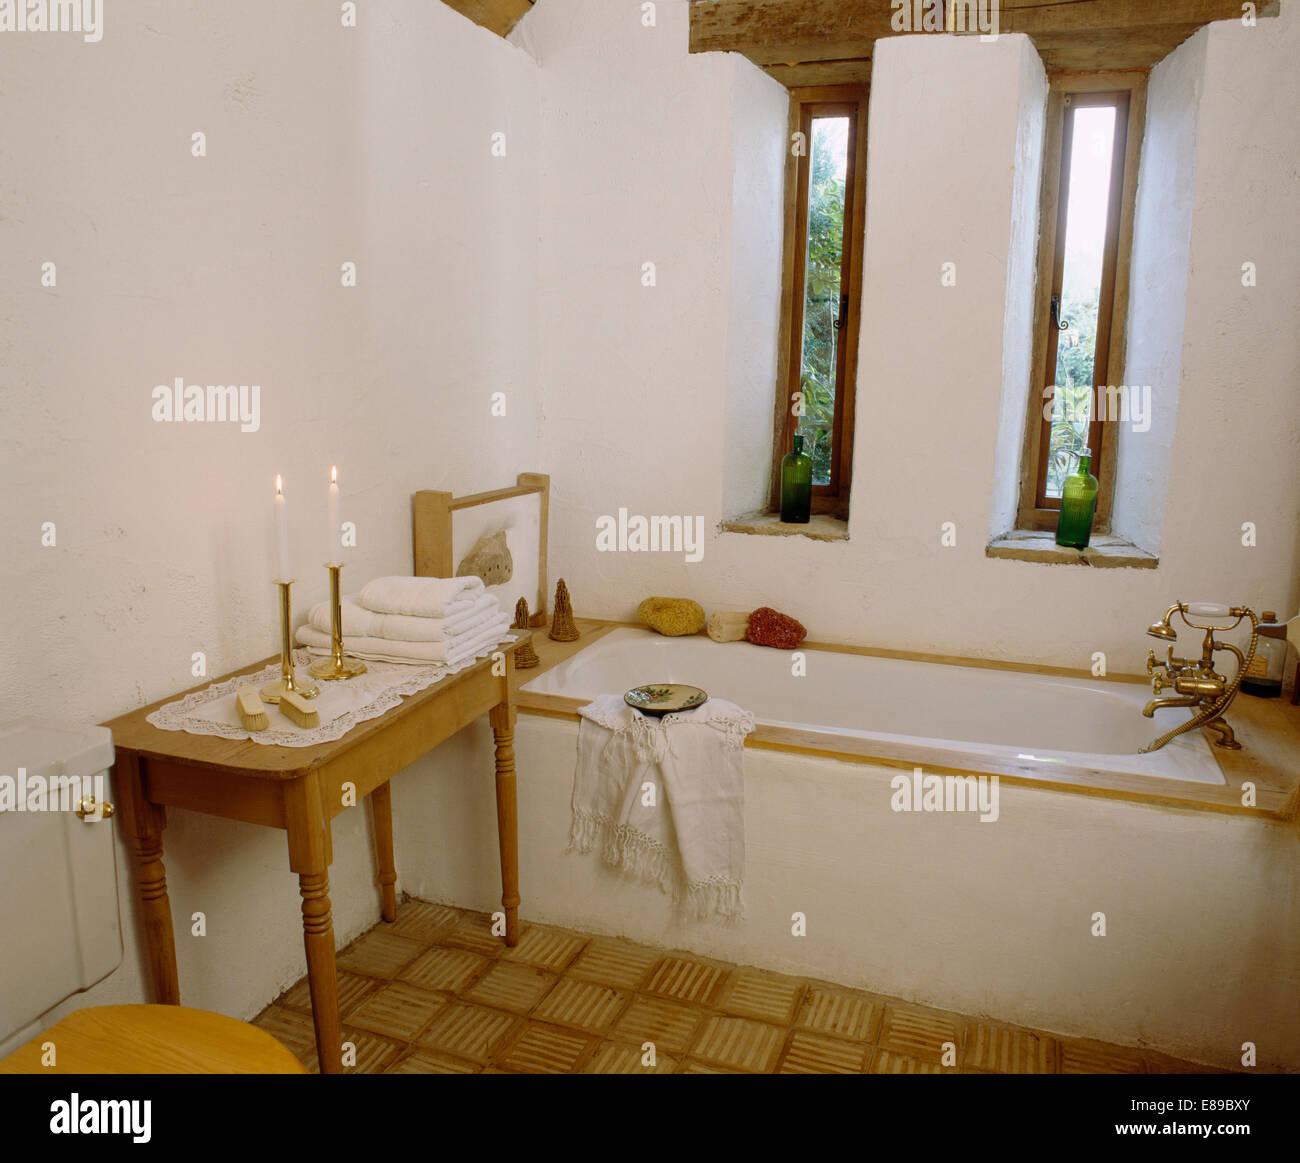 Schmale Fenster oben Bad im Stall Umbau Badezimmer mit brennenden ...